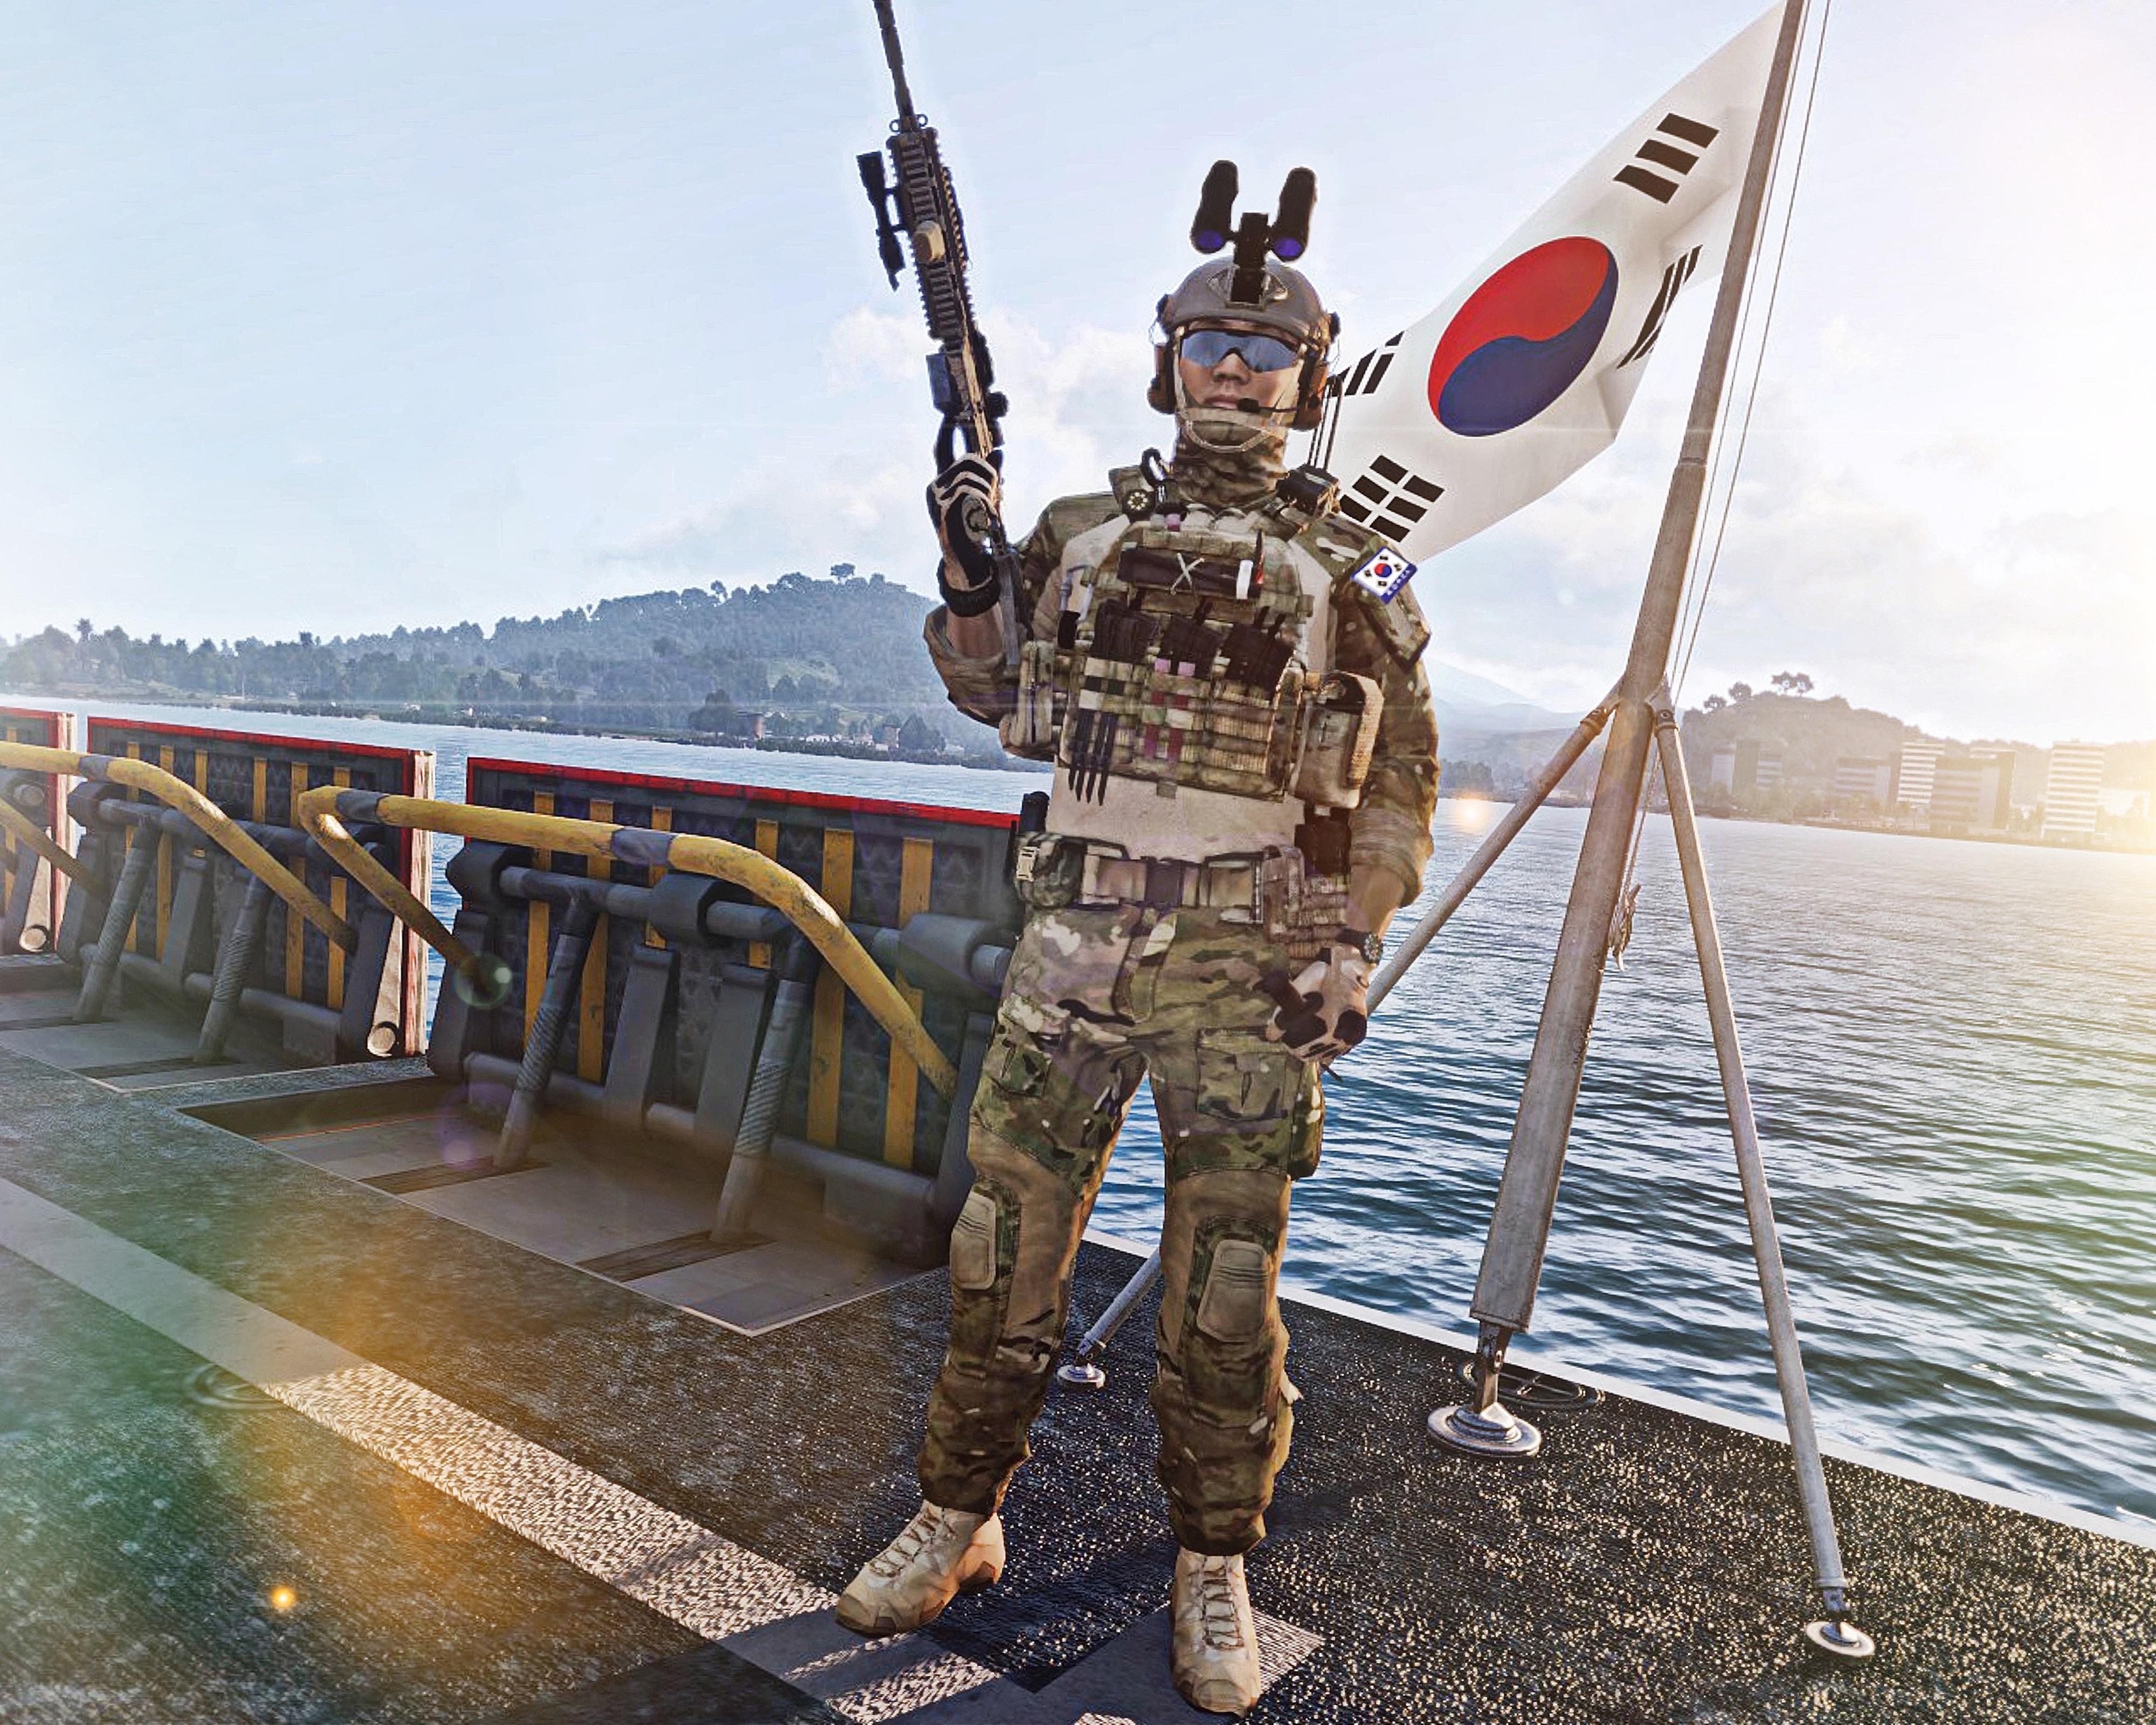 REPUBLIC OF KOREA (ROK) NAVY SPECIAL WARFARE FLOTILLA (UDT/SEALS)